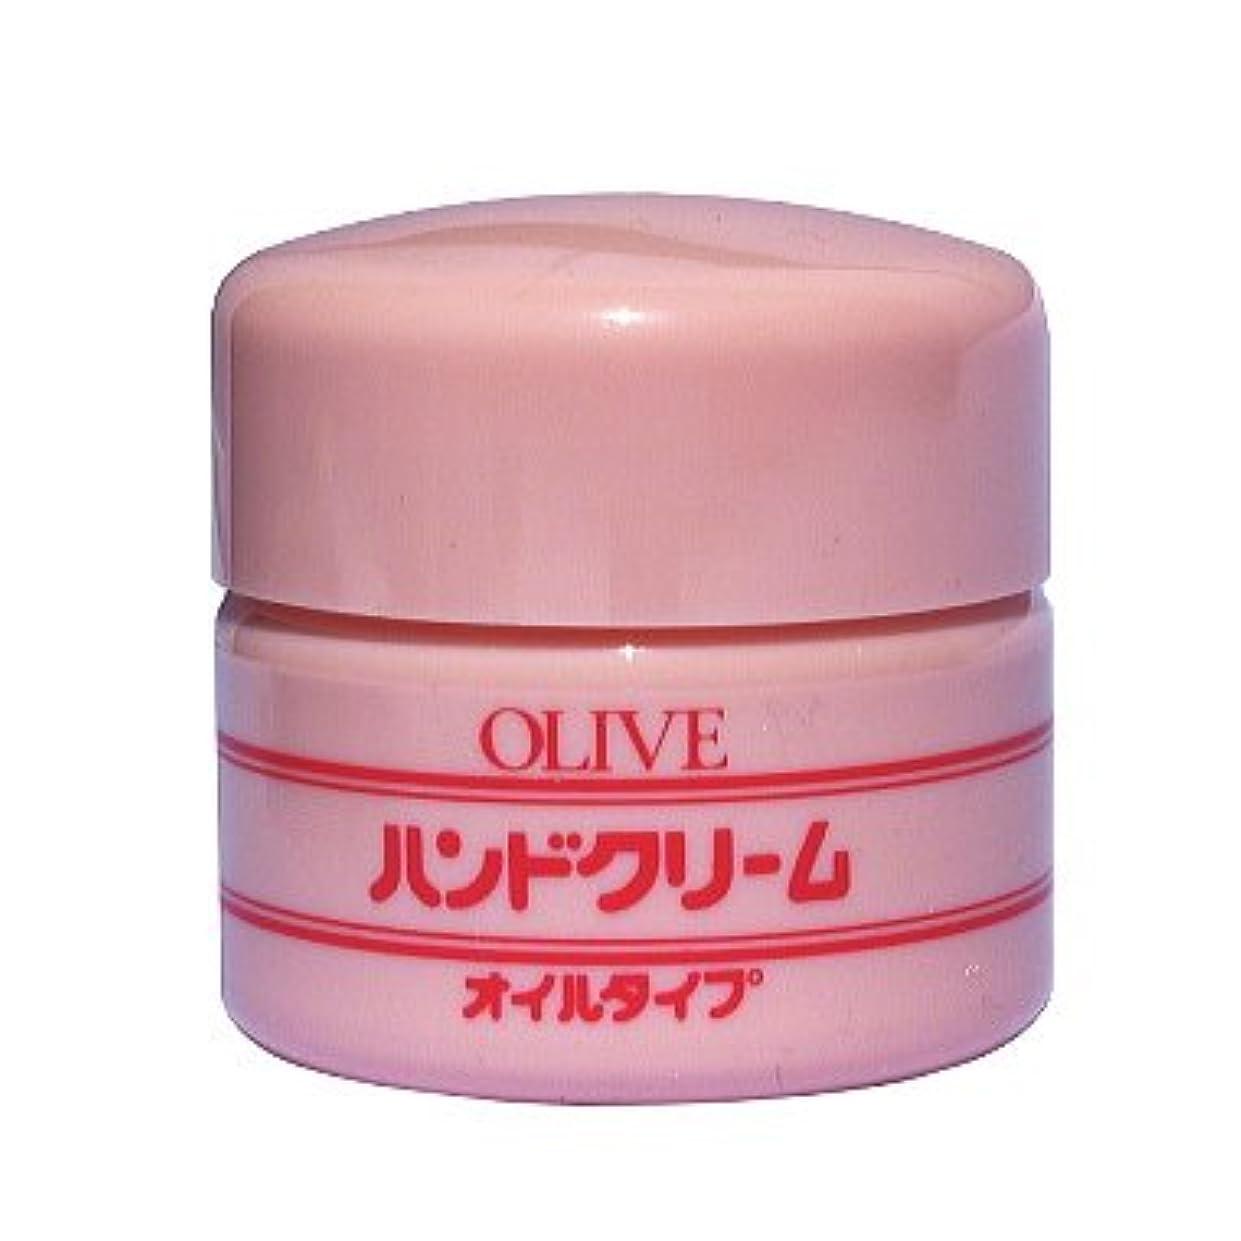 気晴らし天皇悲劇的な鈴虫化粧品 オリーブハンドクリーム(オイルタイプ/容器タイプ)53g